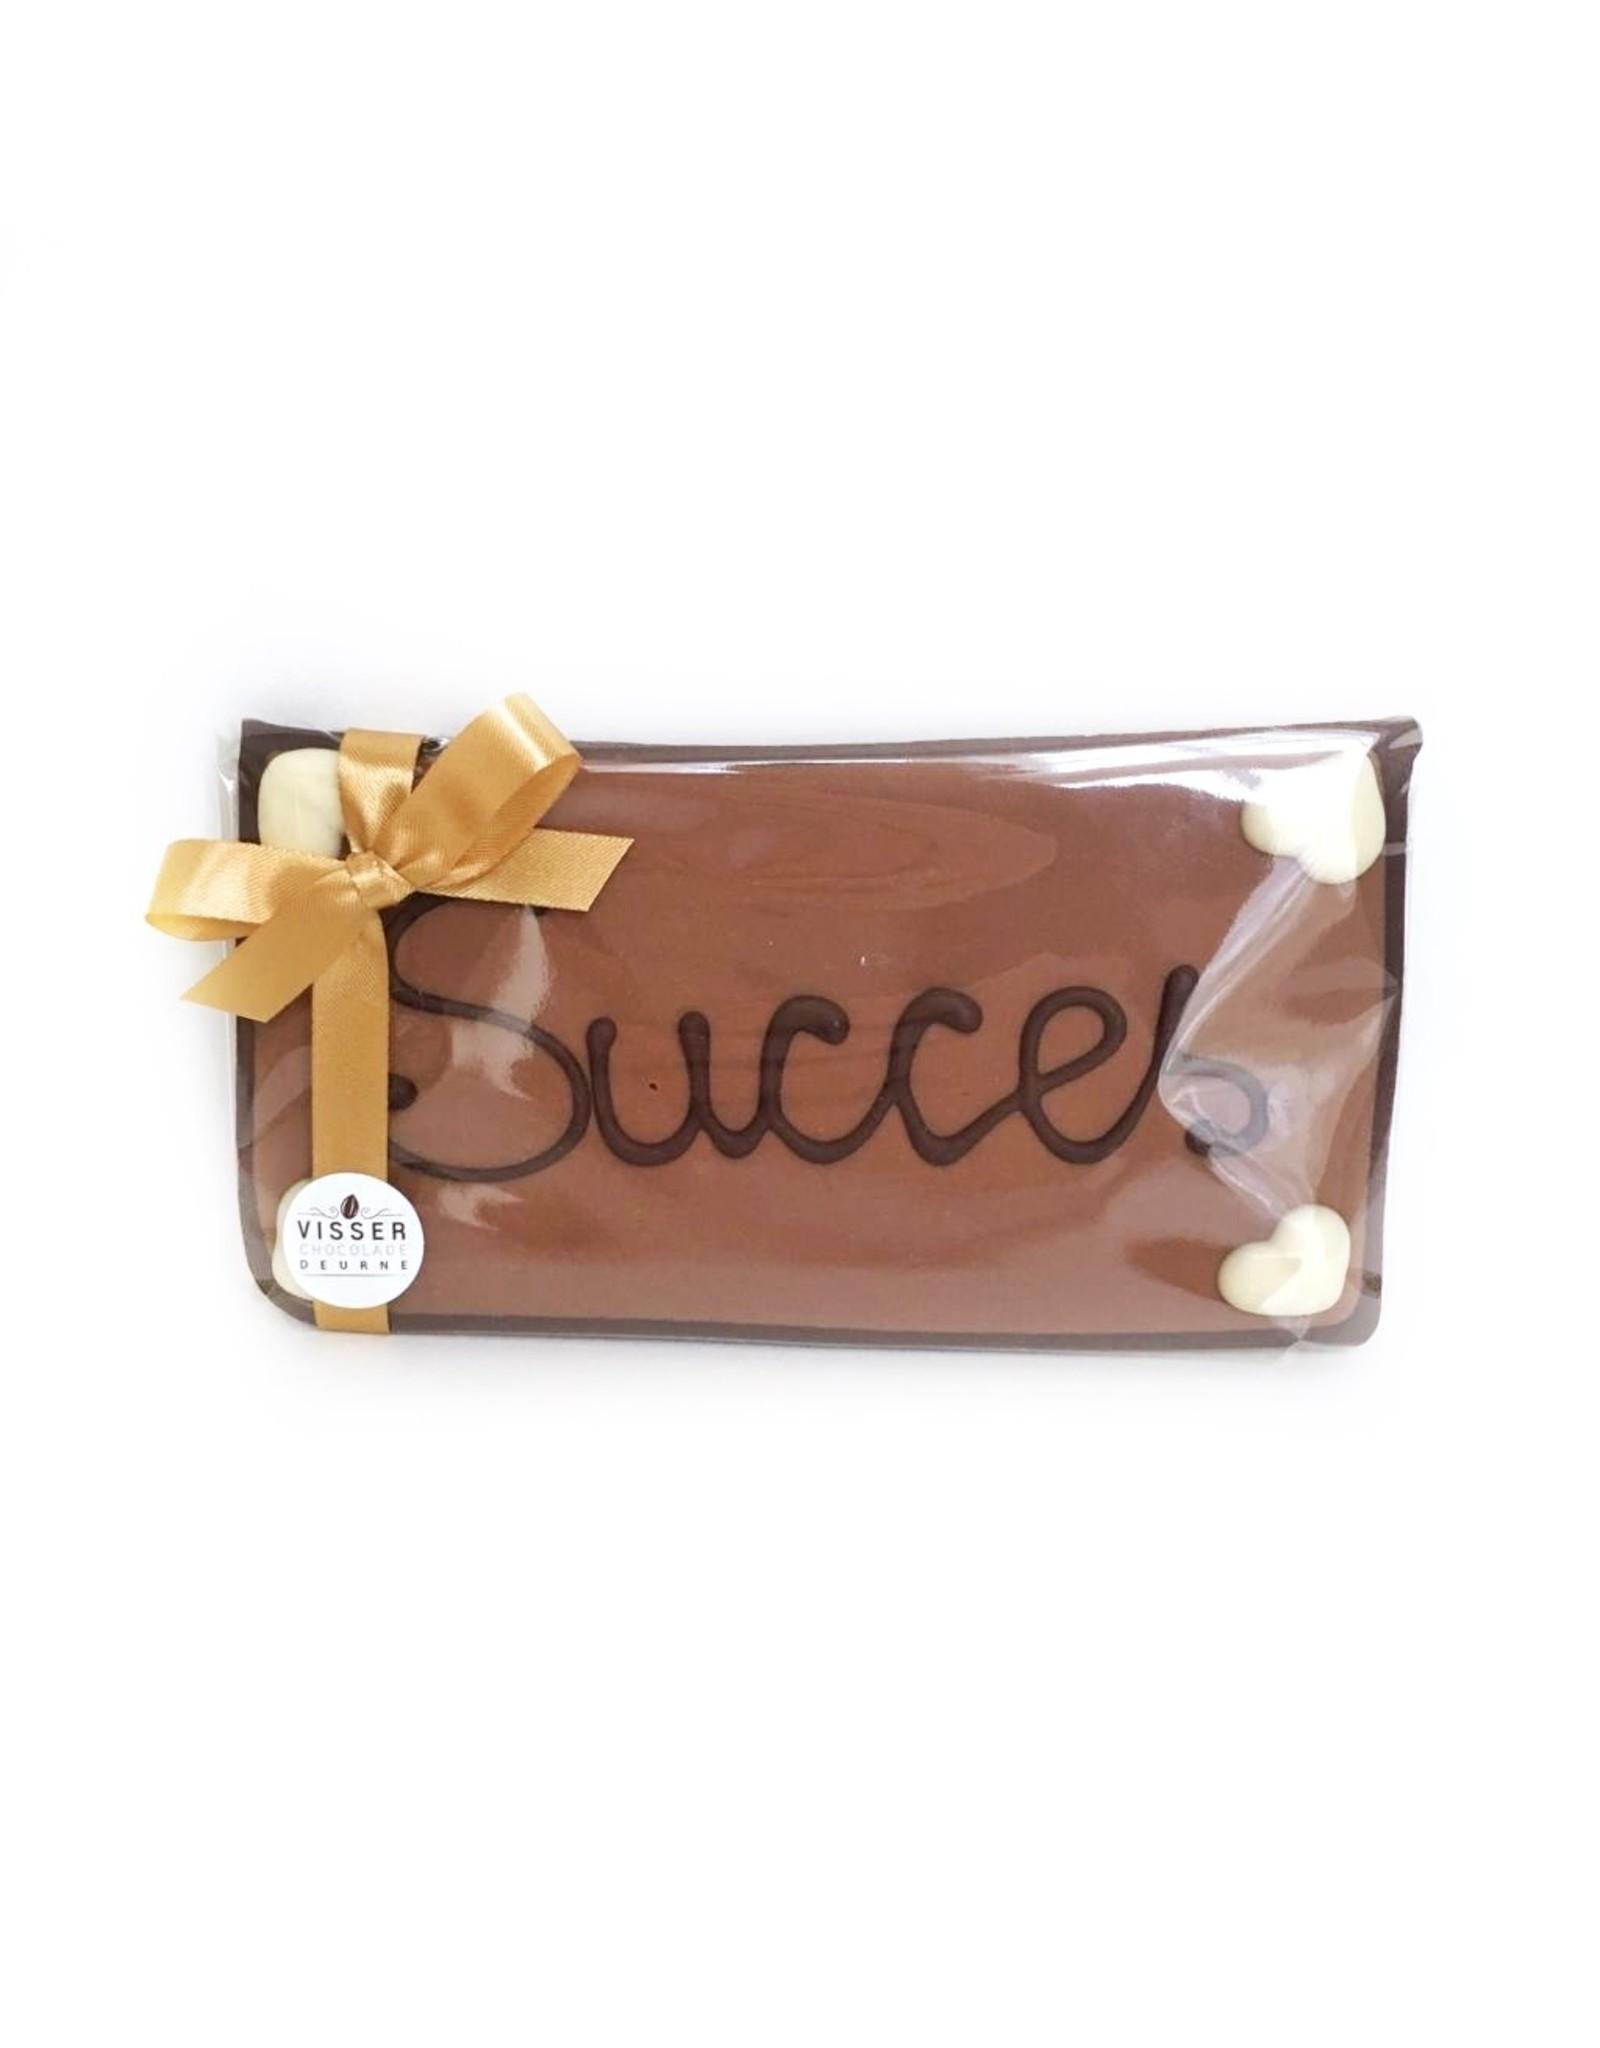 Visser Chocolade Succes - Klein